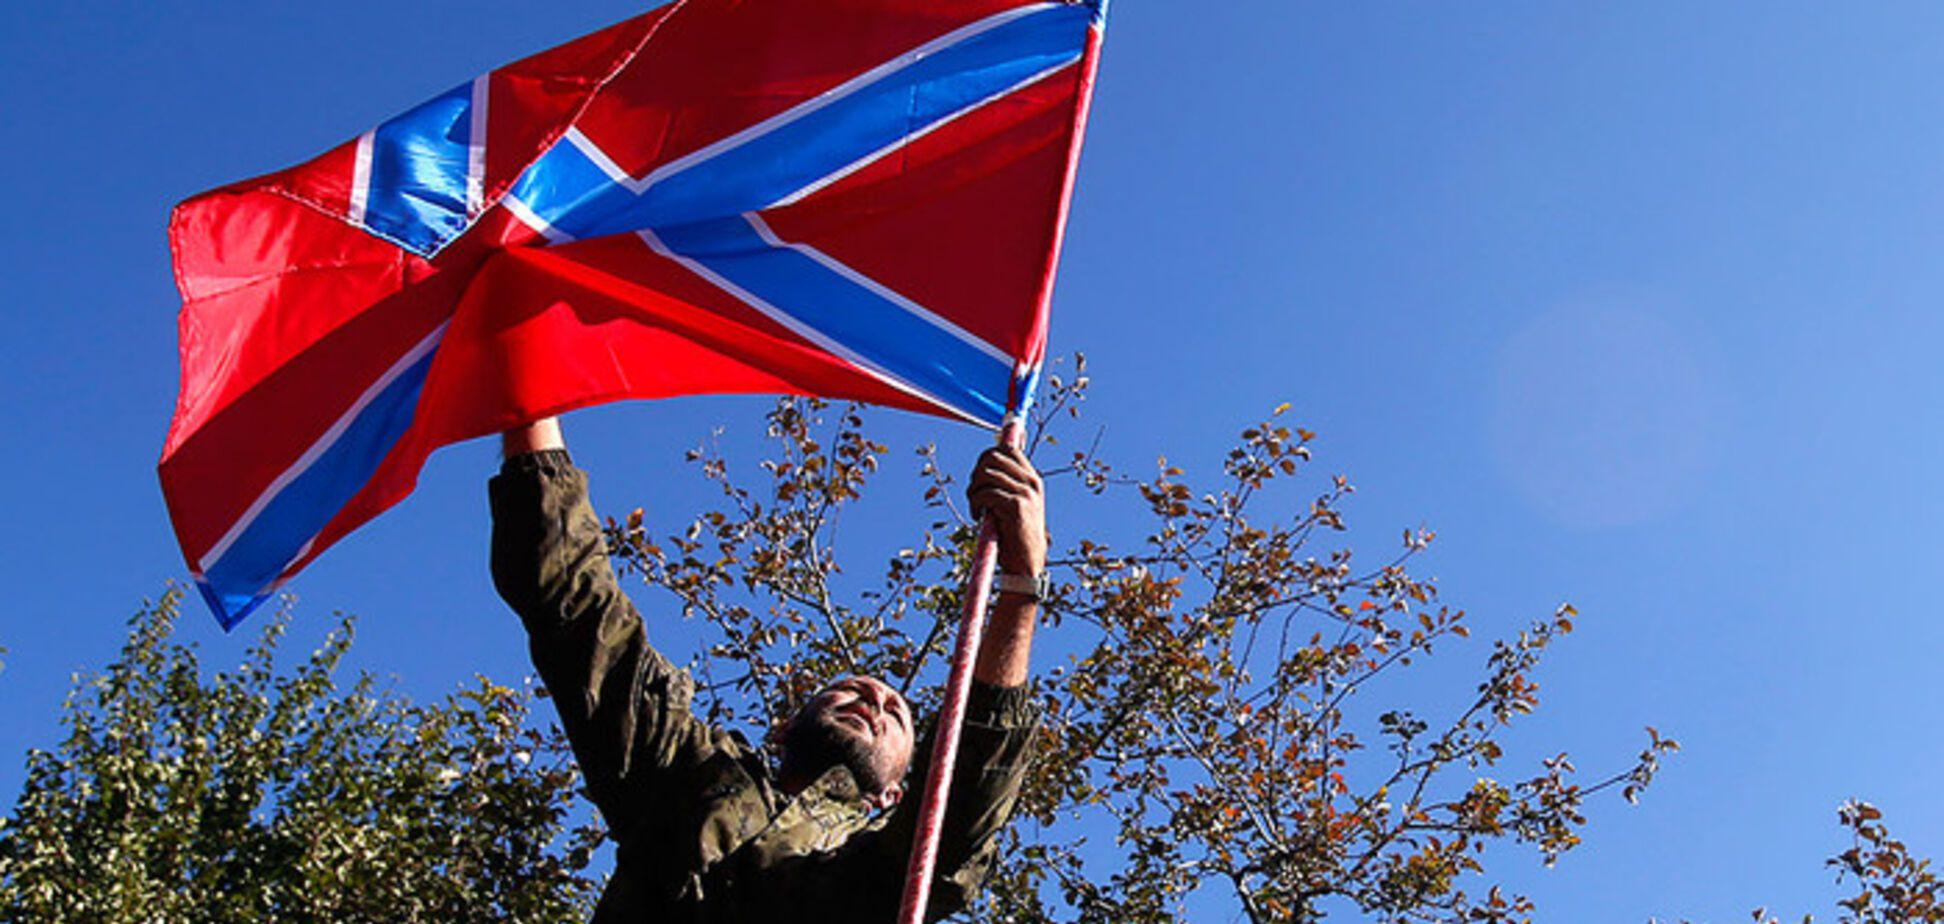 Кінець 'Новоросії'? Терористи поскаржилися на зубожіння